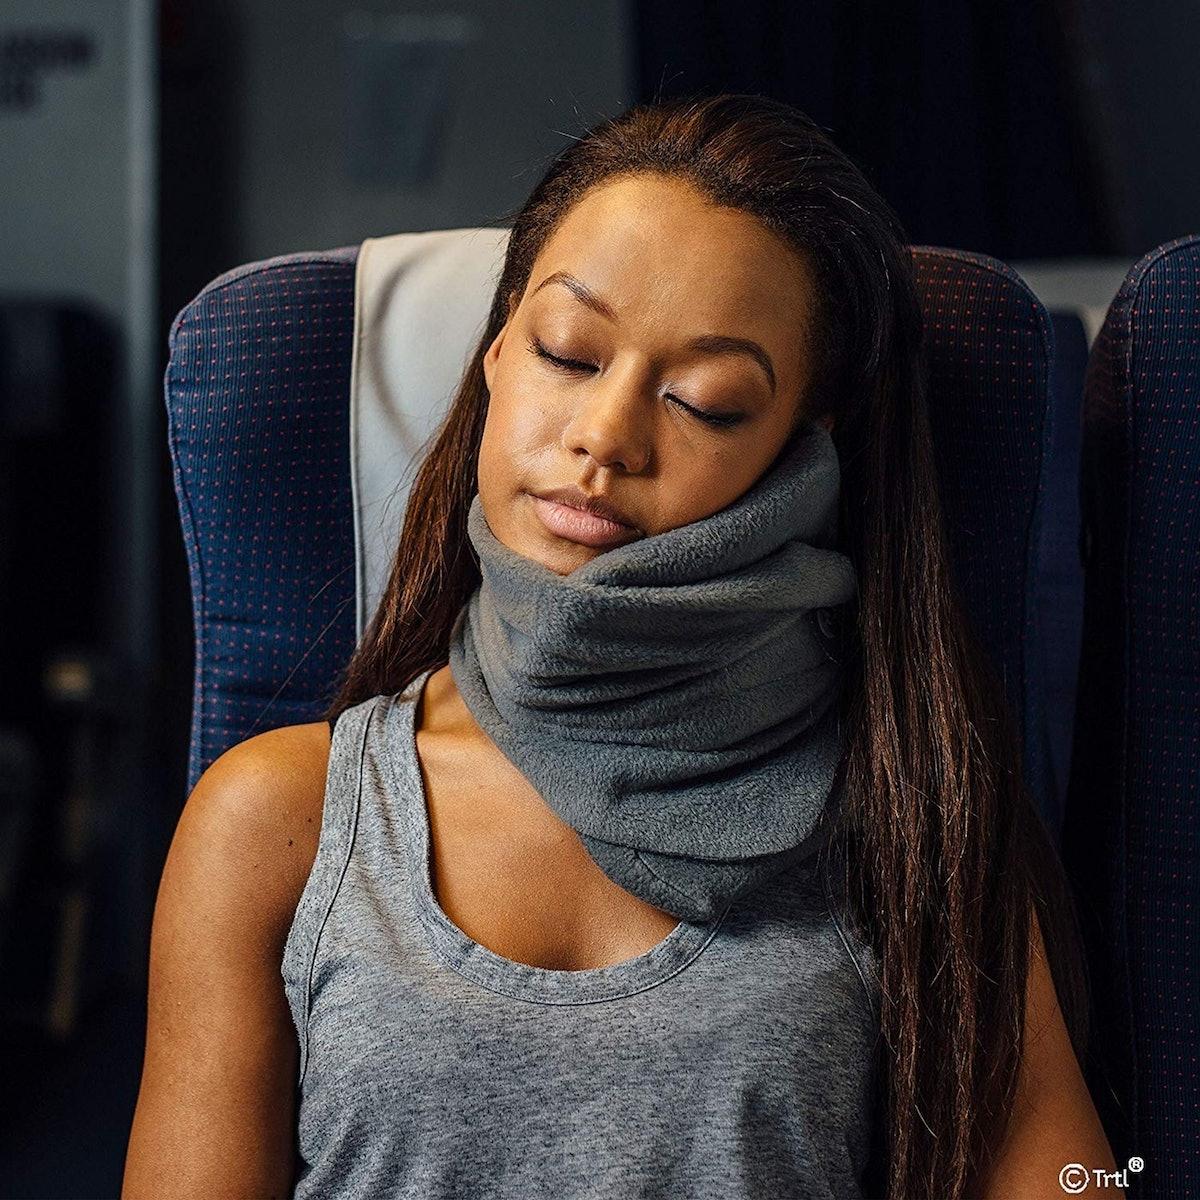 Trtl Pillow Support Travel Pillow